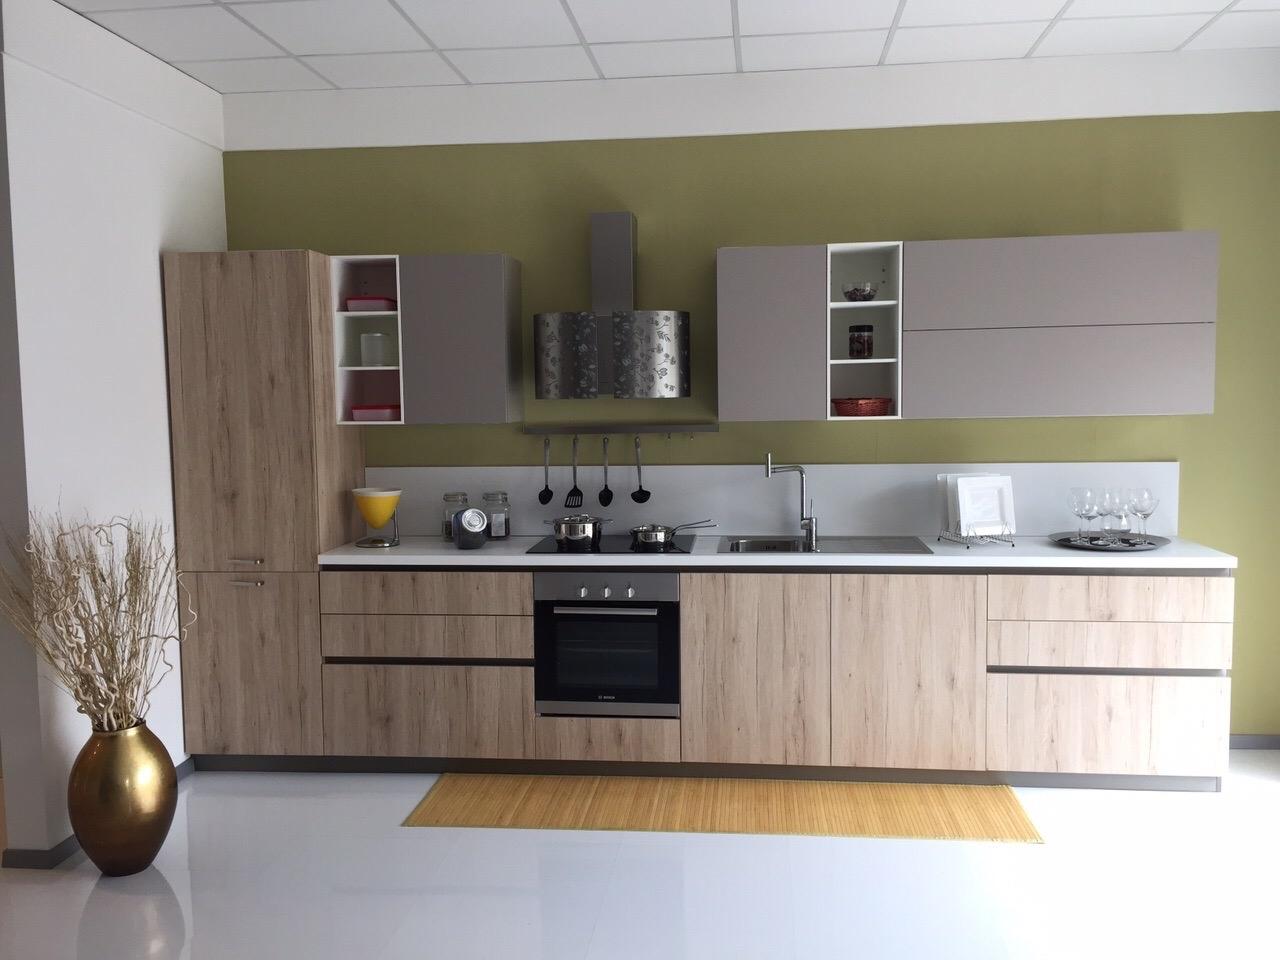 Cucina lineare dibiesse scontata del 30 cucine a prezzi - Cucine dibiesse ...